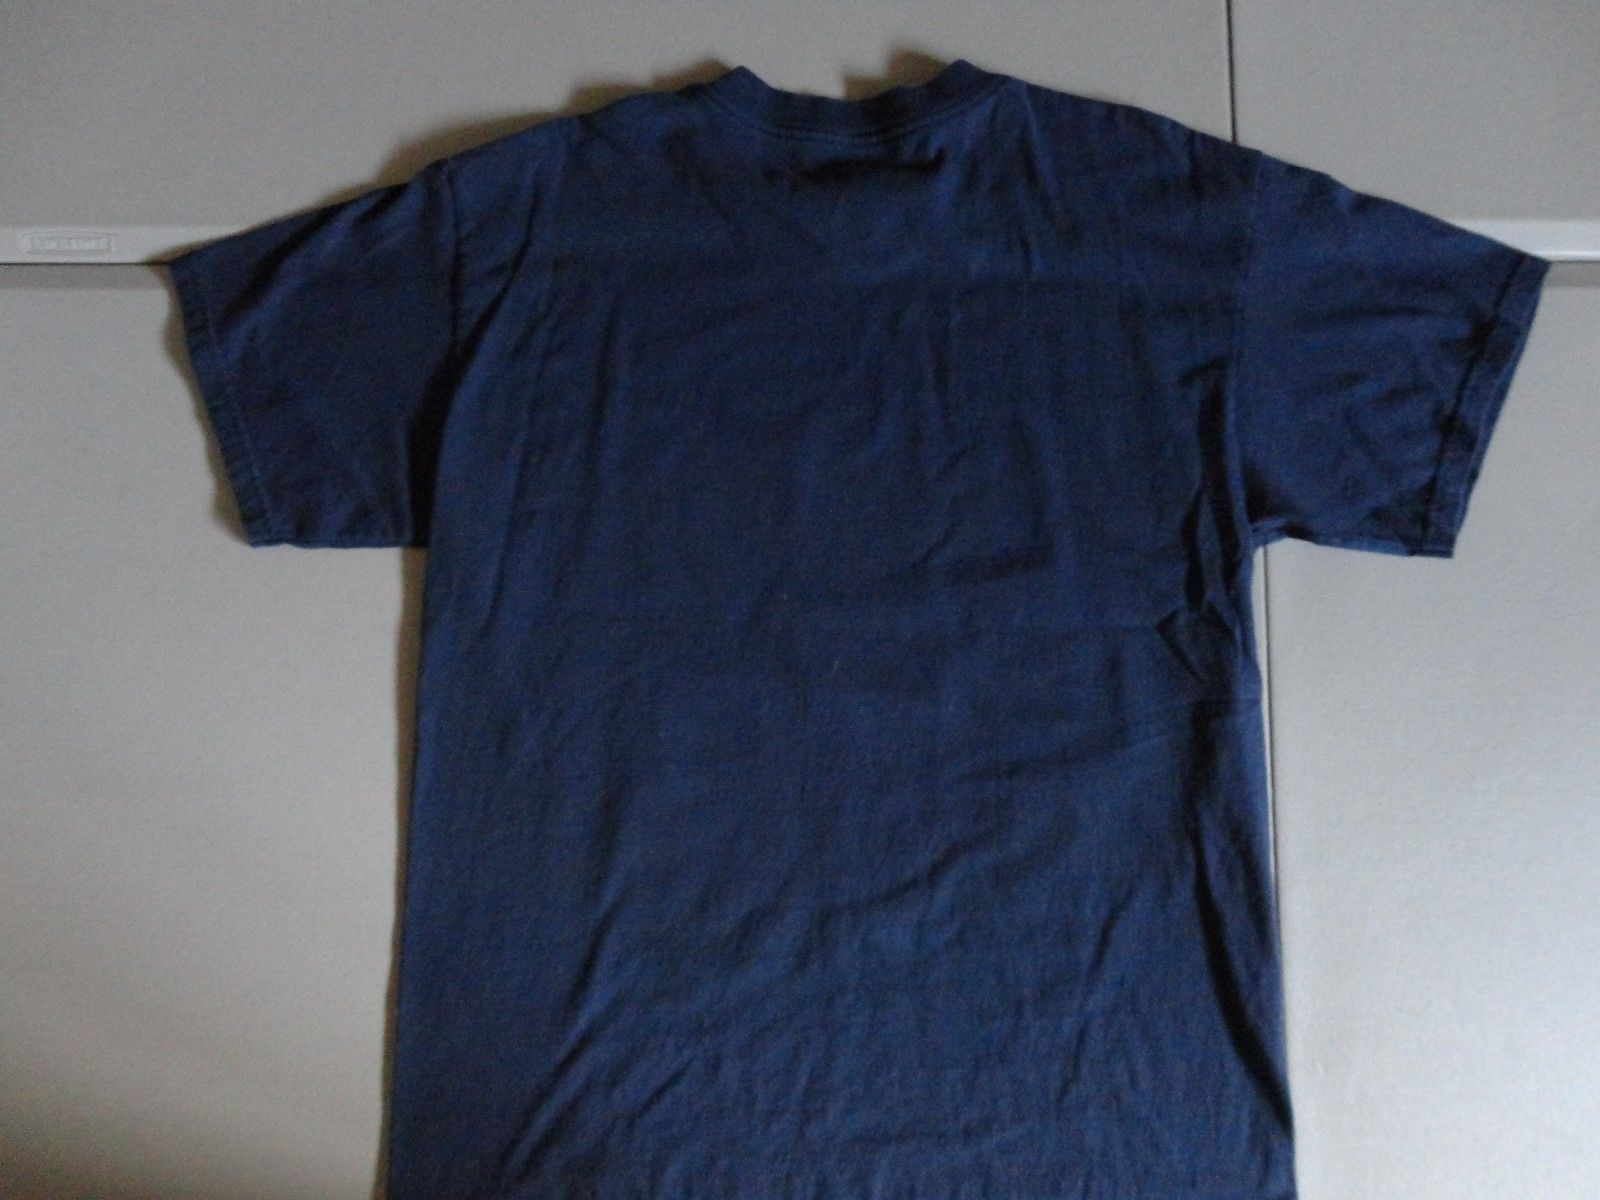 Blue NFL Dallas Cowboys #9 Tony Romo Football t shirt Adult M NICE Free US Ship